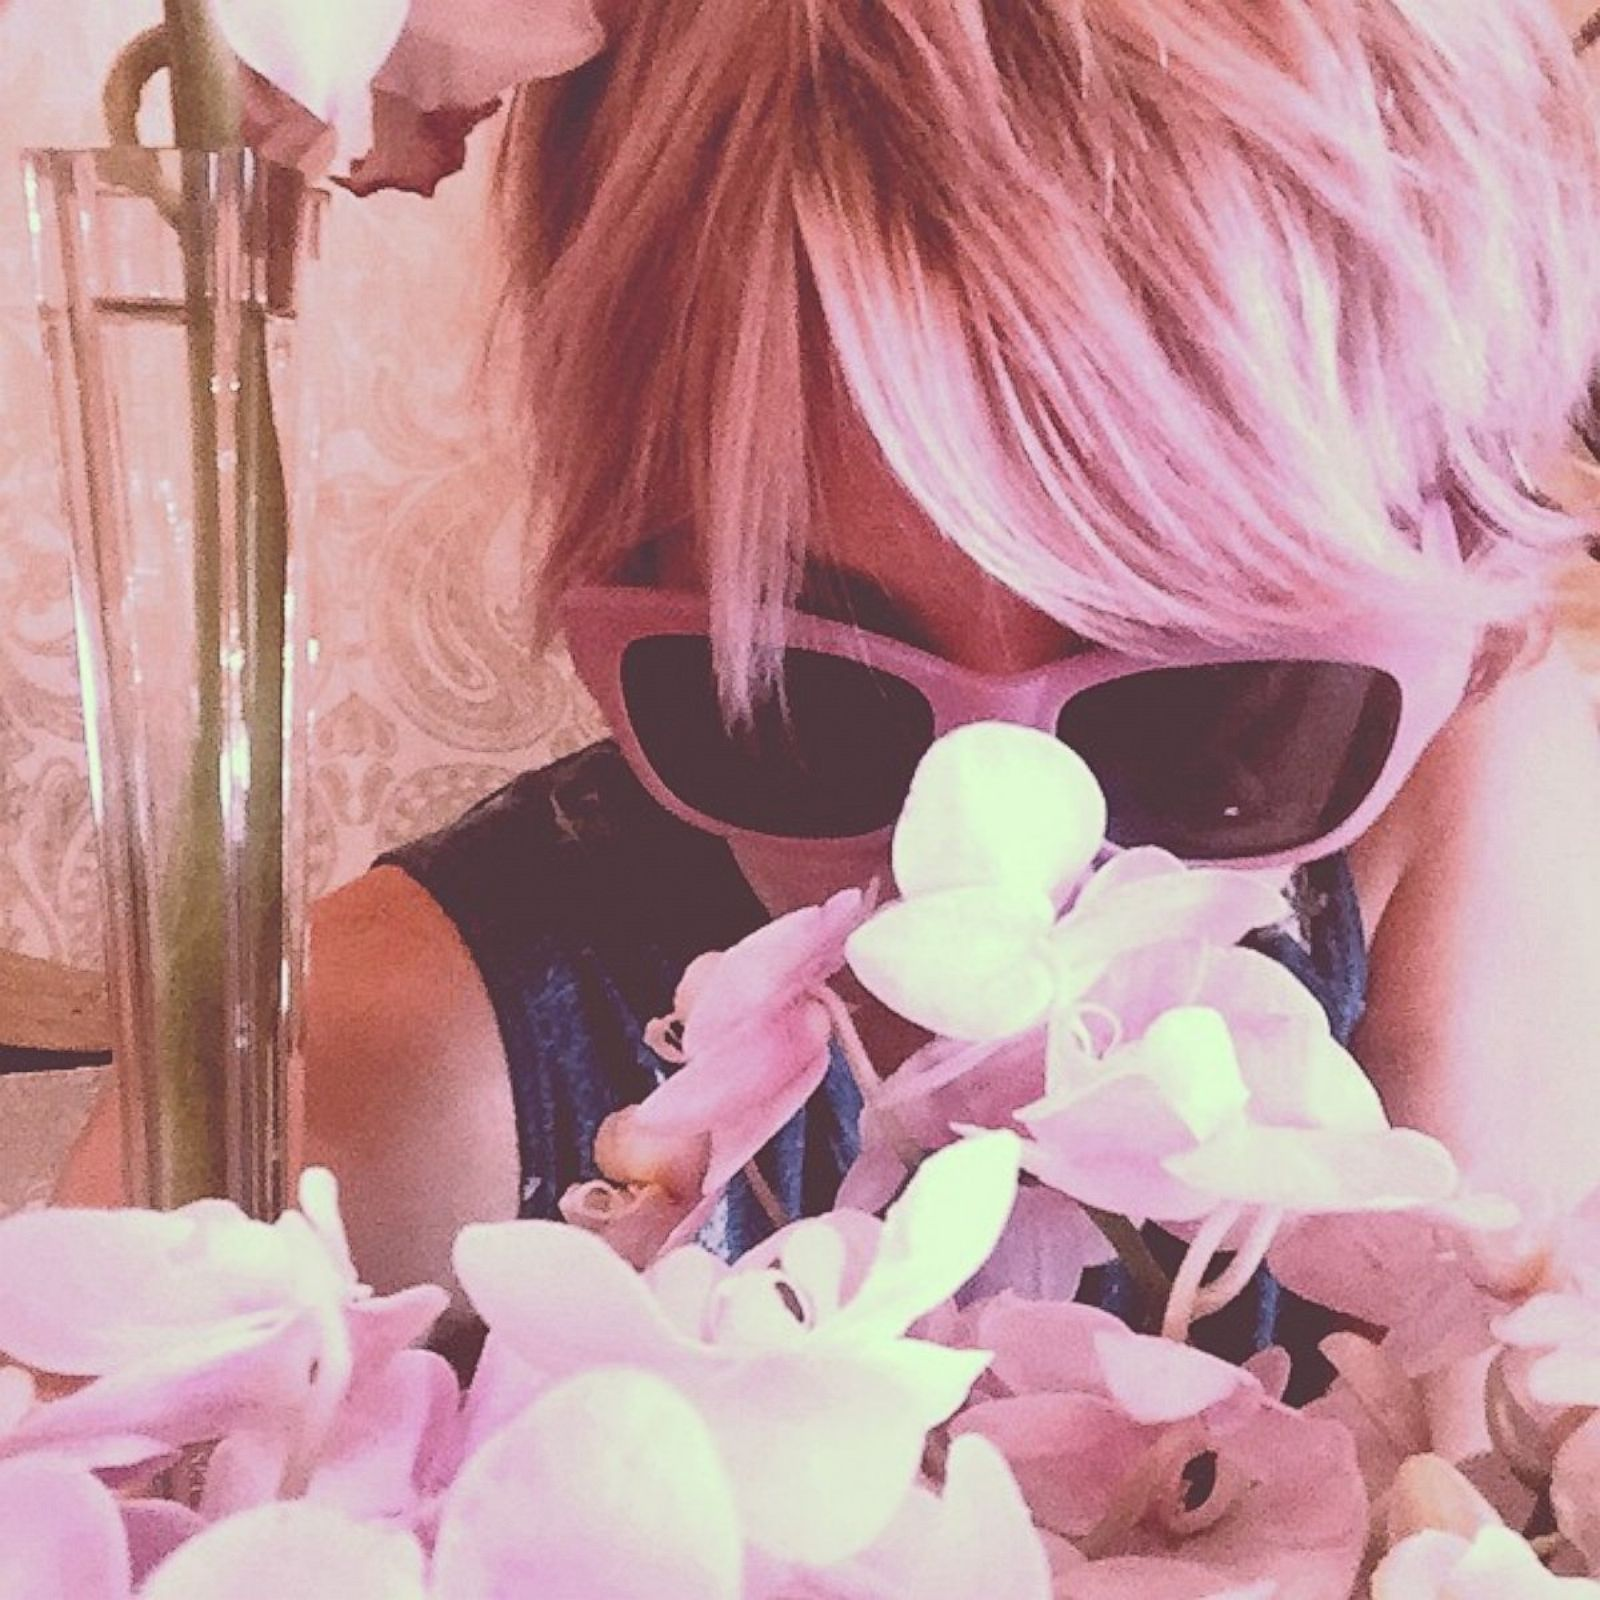 Трахают с розовыми волосами 9 фотография